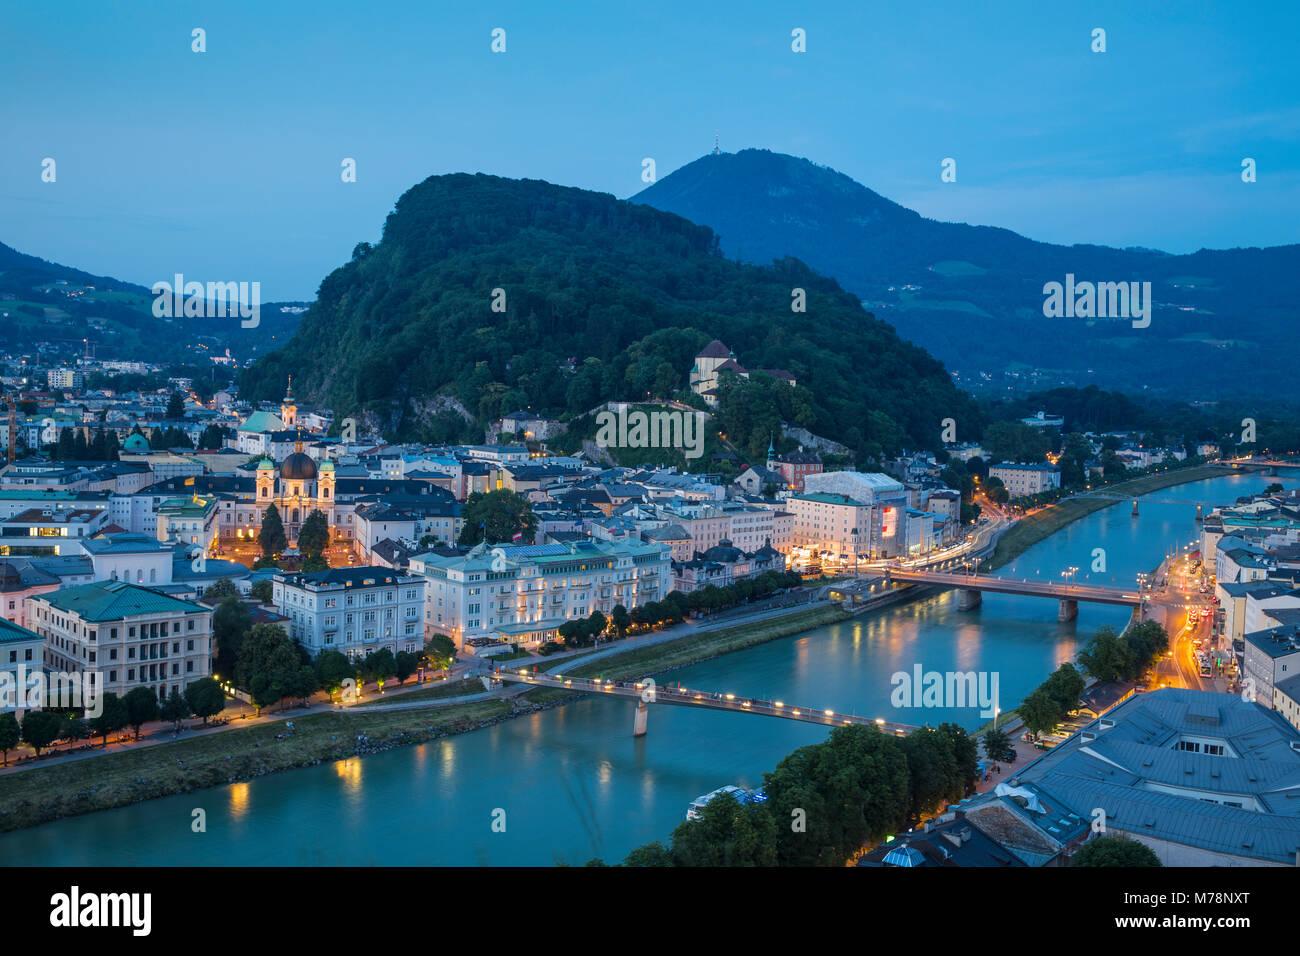 Ansicht der Salzach mit der Altstadt auf der rechten Seite und die Neue Stadt auf der linken Seite, Salzburg, Österreich, Stockbild